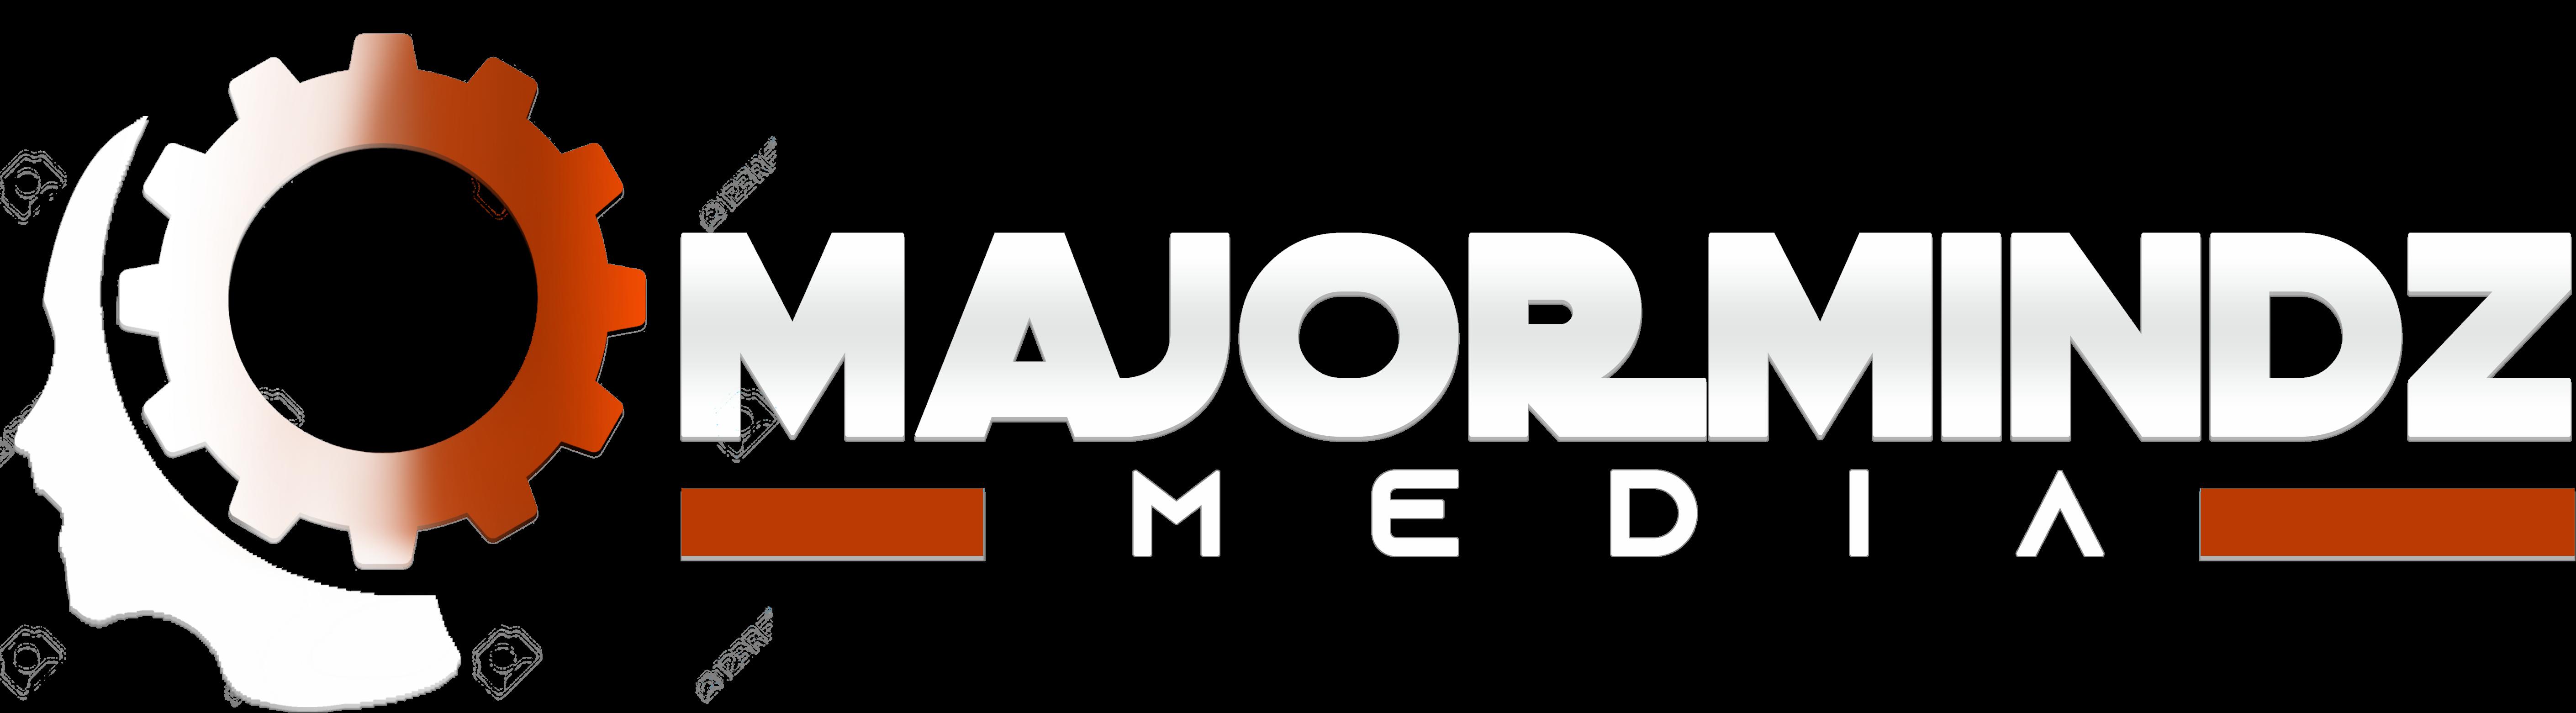 Major Mindz Media